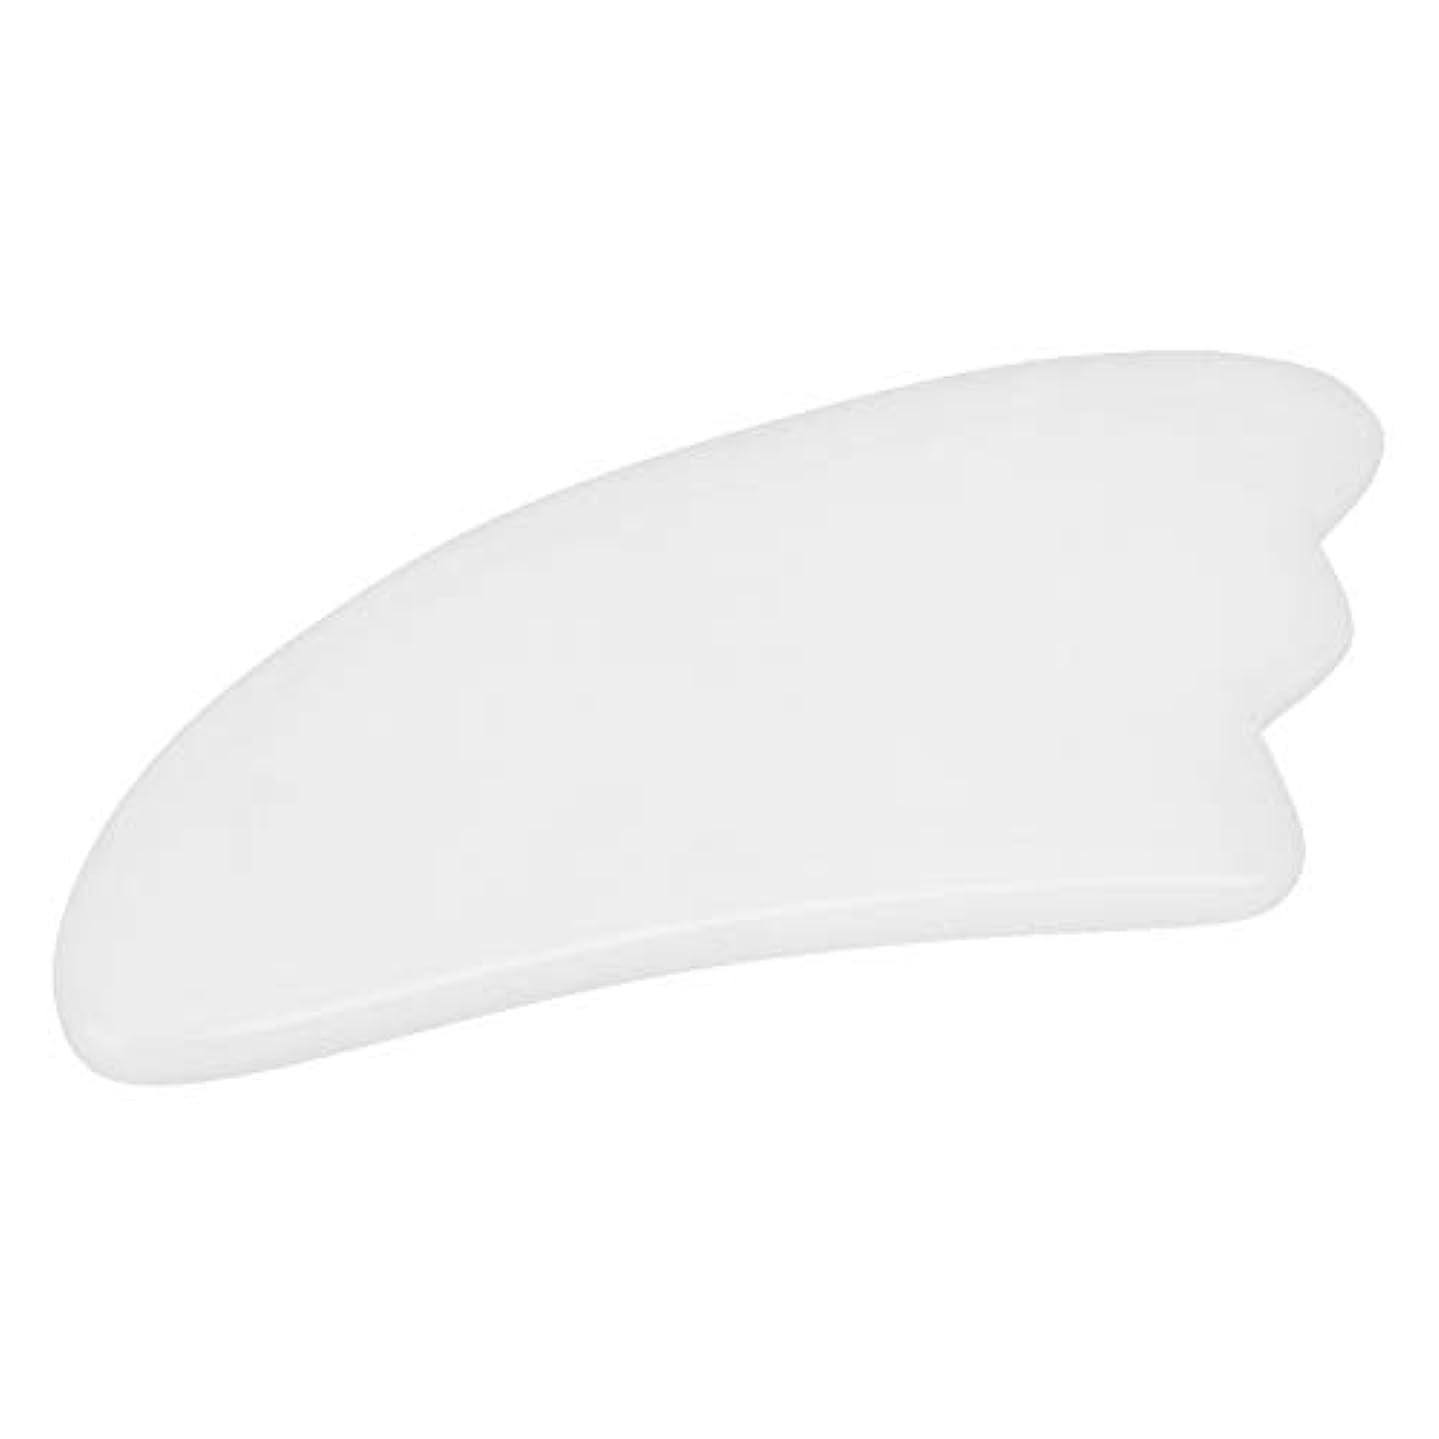 機構文字大人カッサ板 - Delaman かっさ プレート、羽型、マッサージ器 、天然石、血液の循環を促進し、美顔、ホワイト